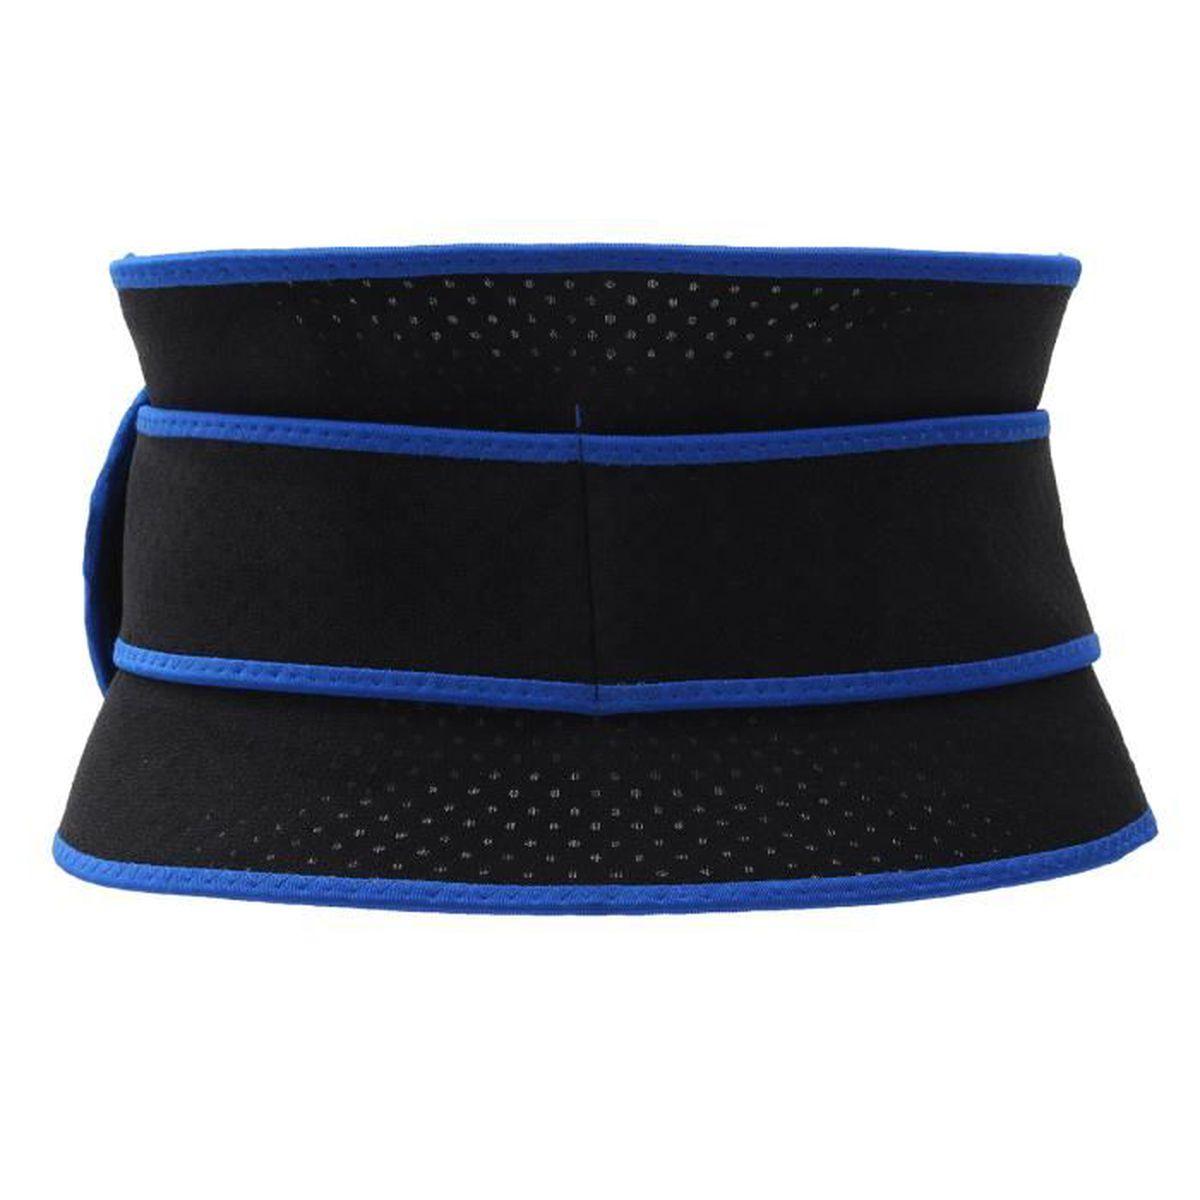 Ceinture Lombaire Soutien Dos Soulager Douleur Posture Noir Bleu ... cab0eed5a18